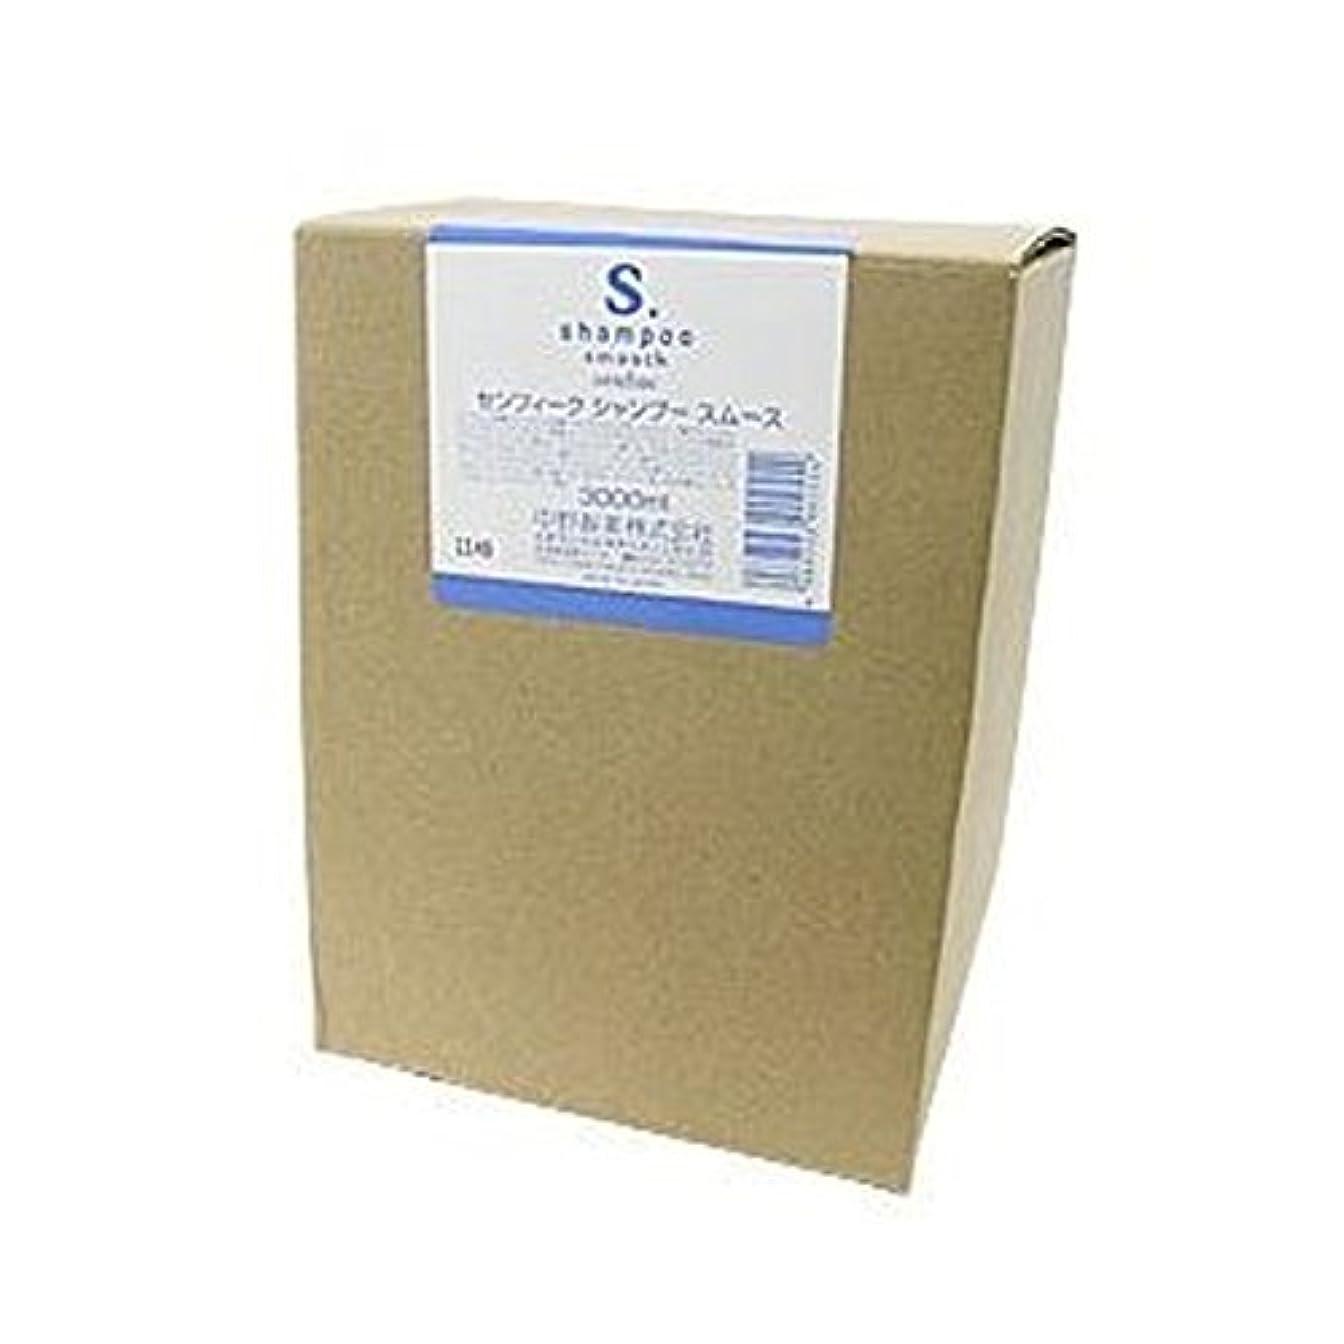 クレーン役員不健康中野製薬 センフィーク シャンプー スムース 10L